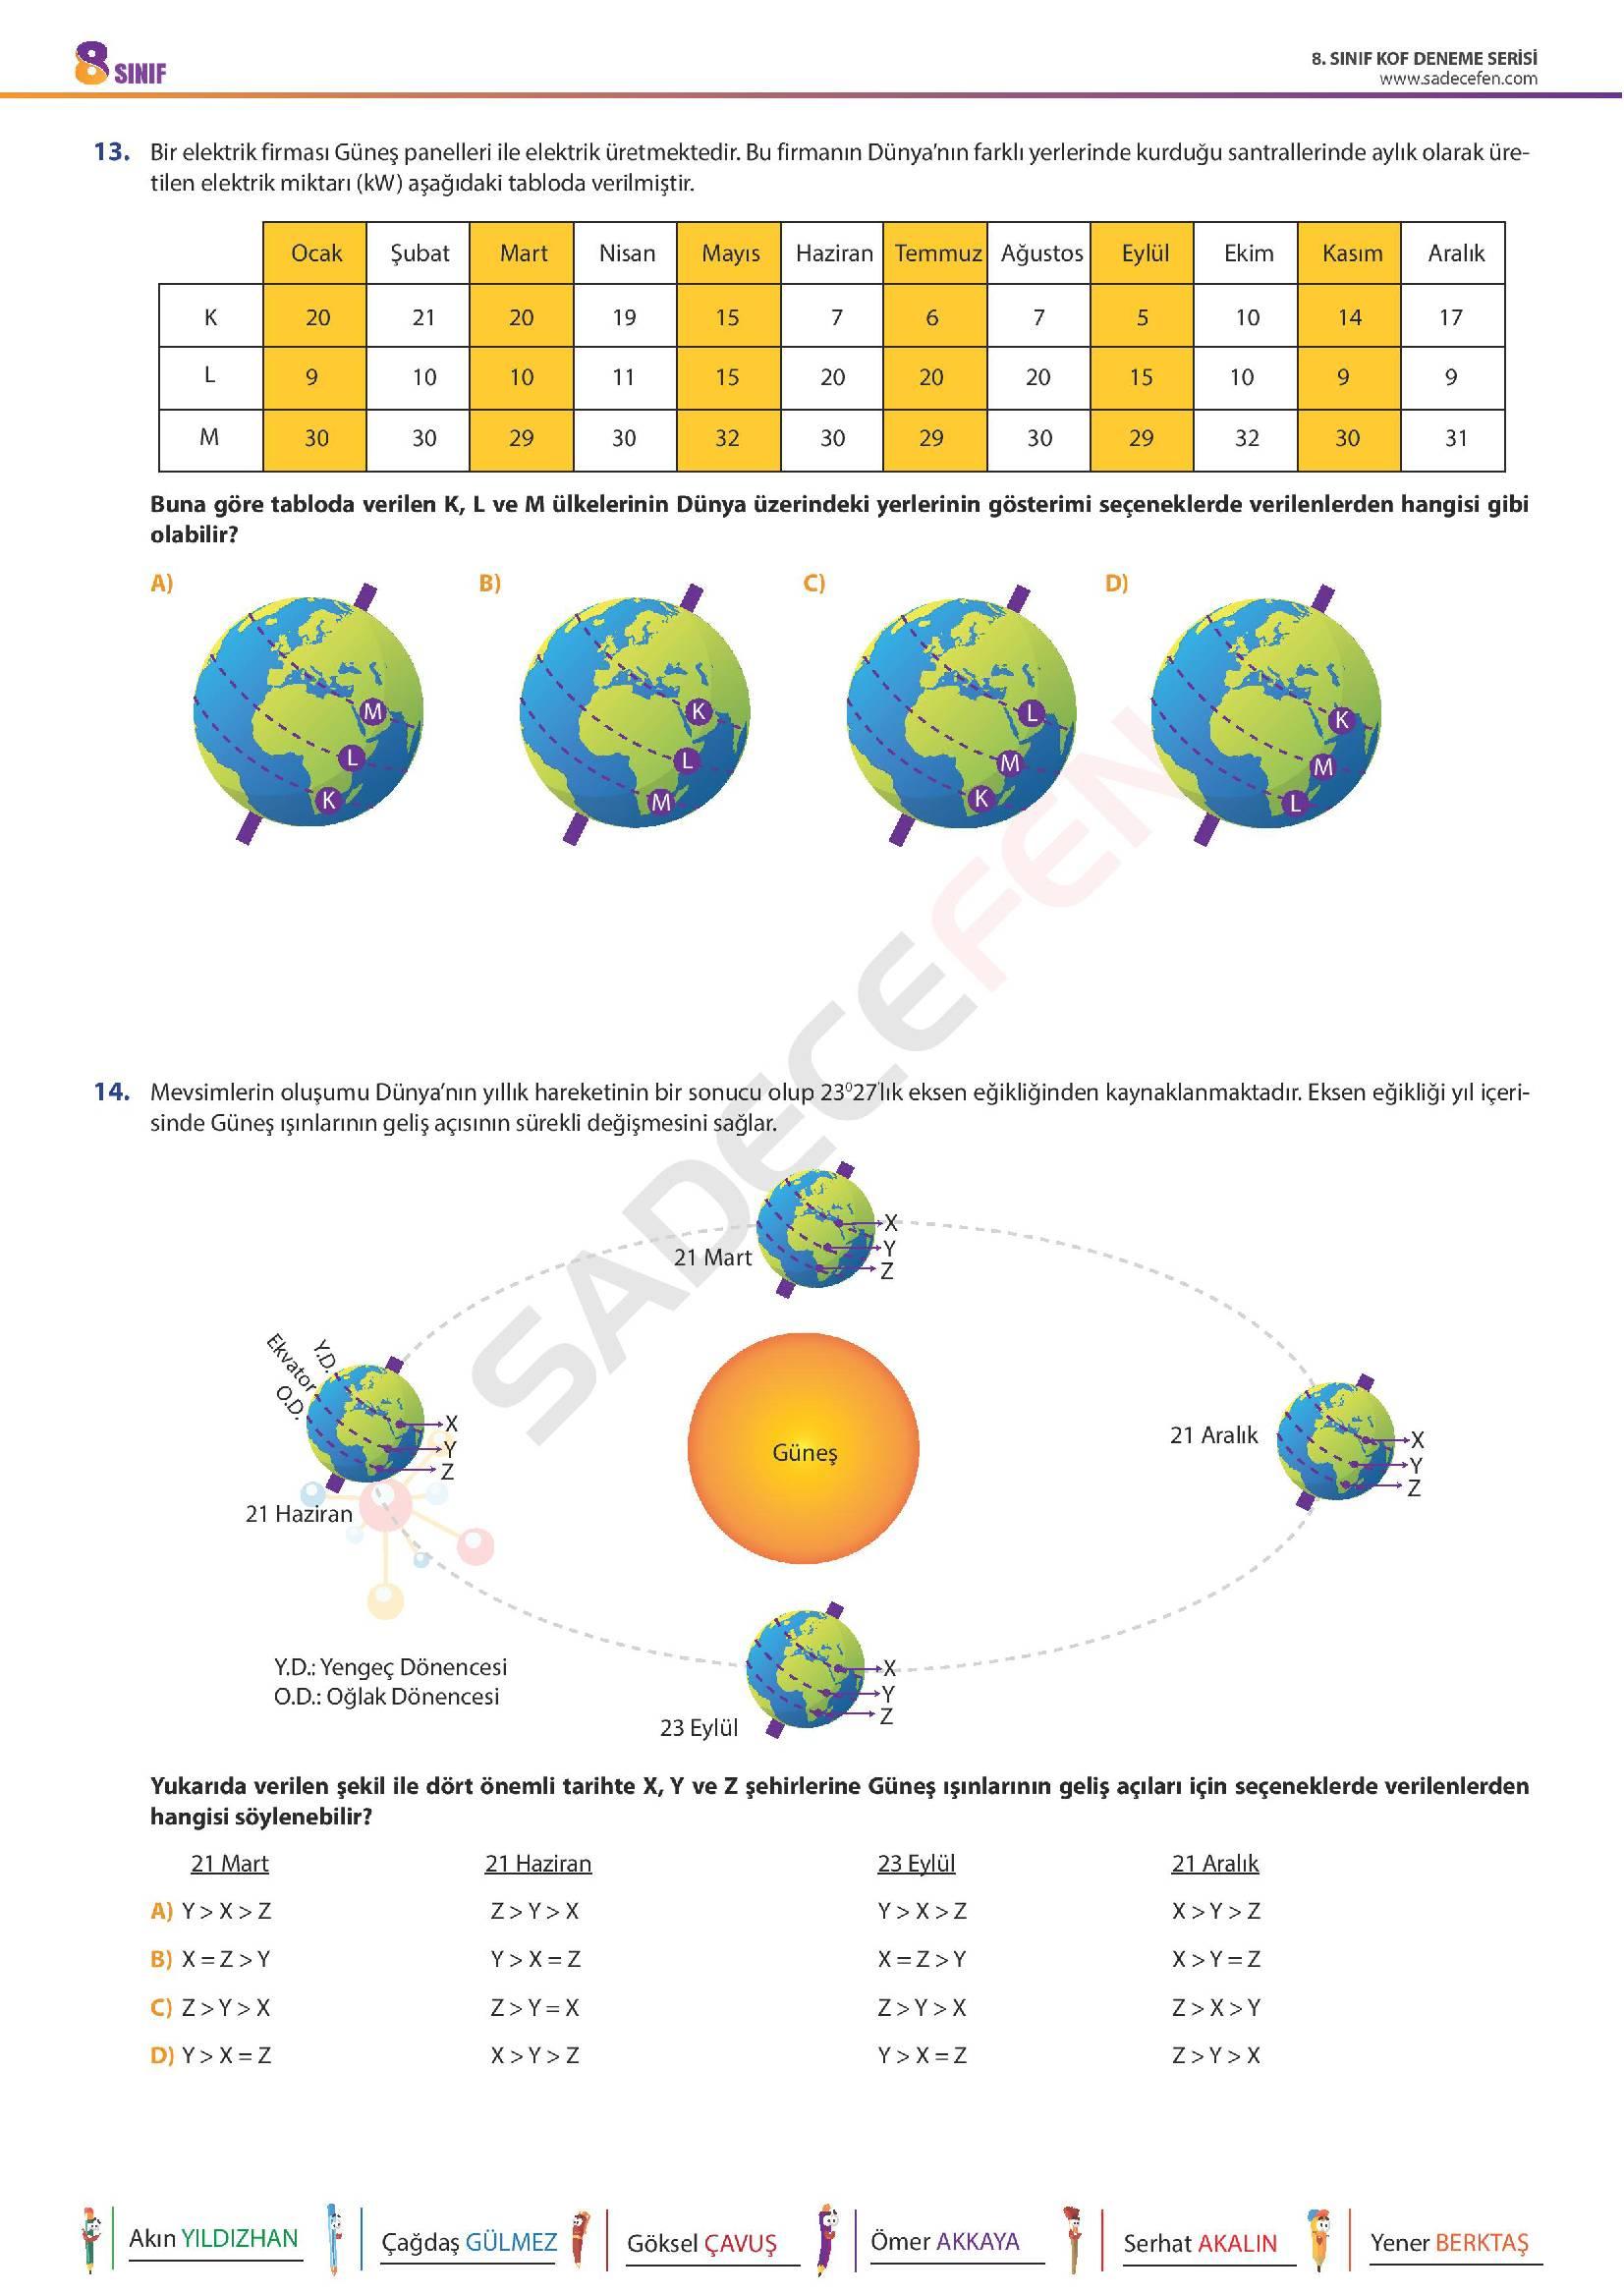 8. Sınıf LGS Fen Bilimleri Denemesi 1